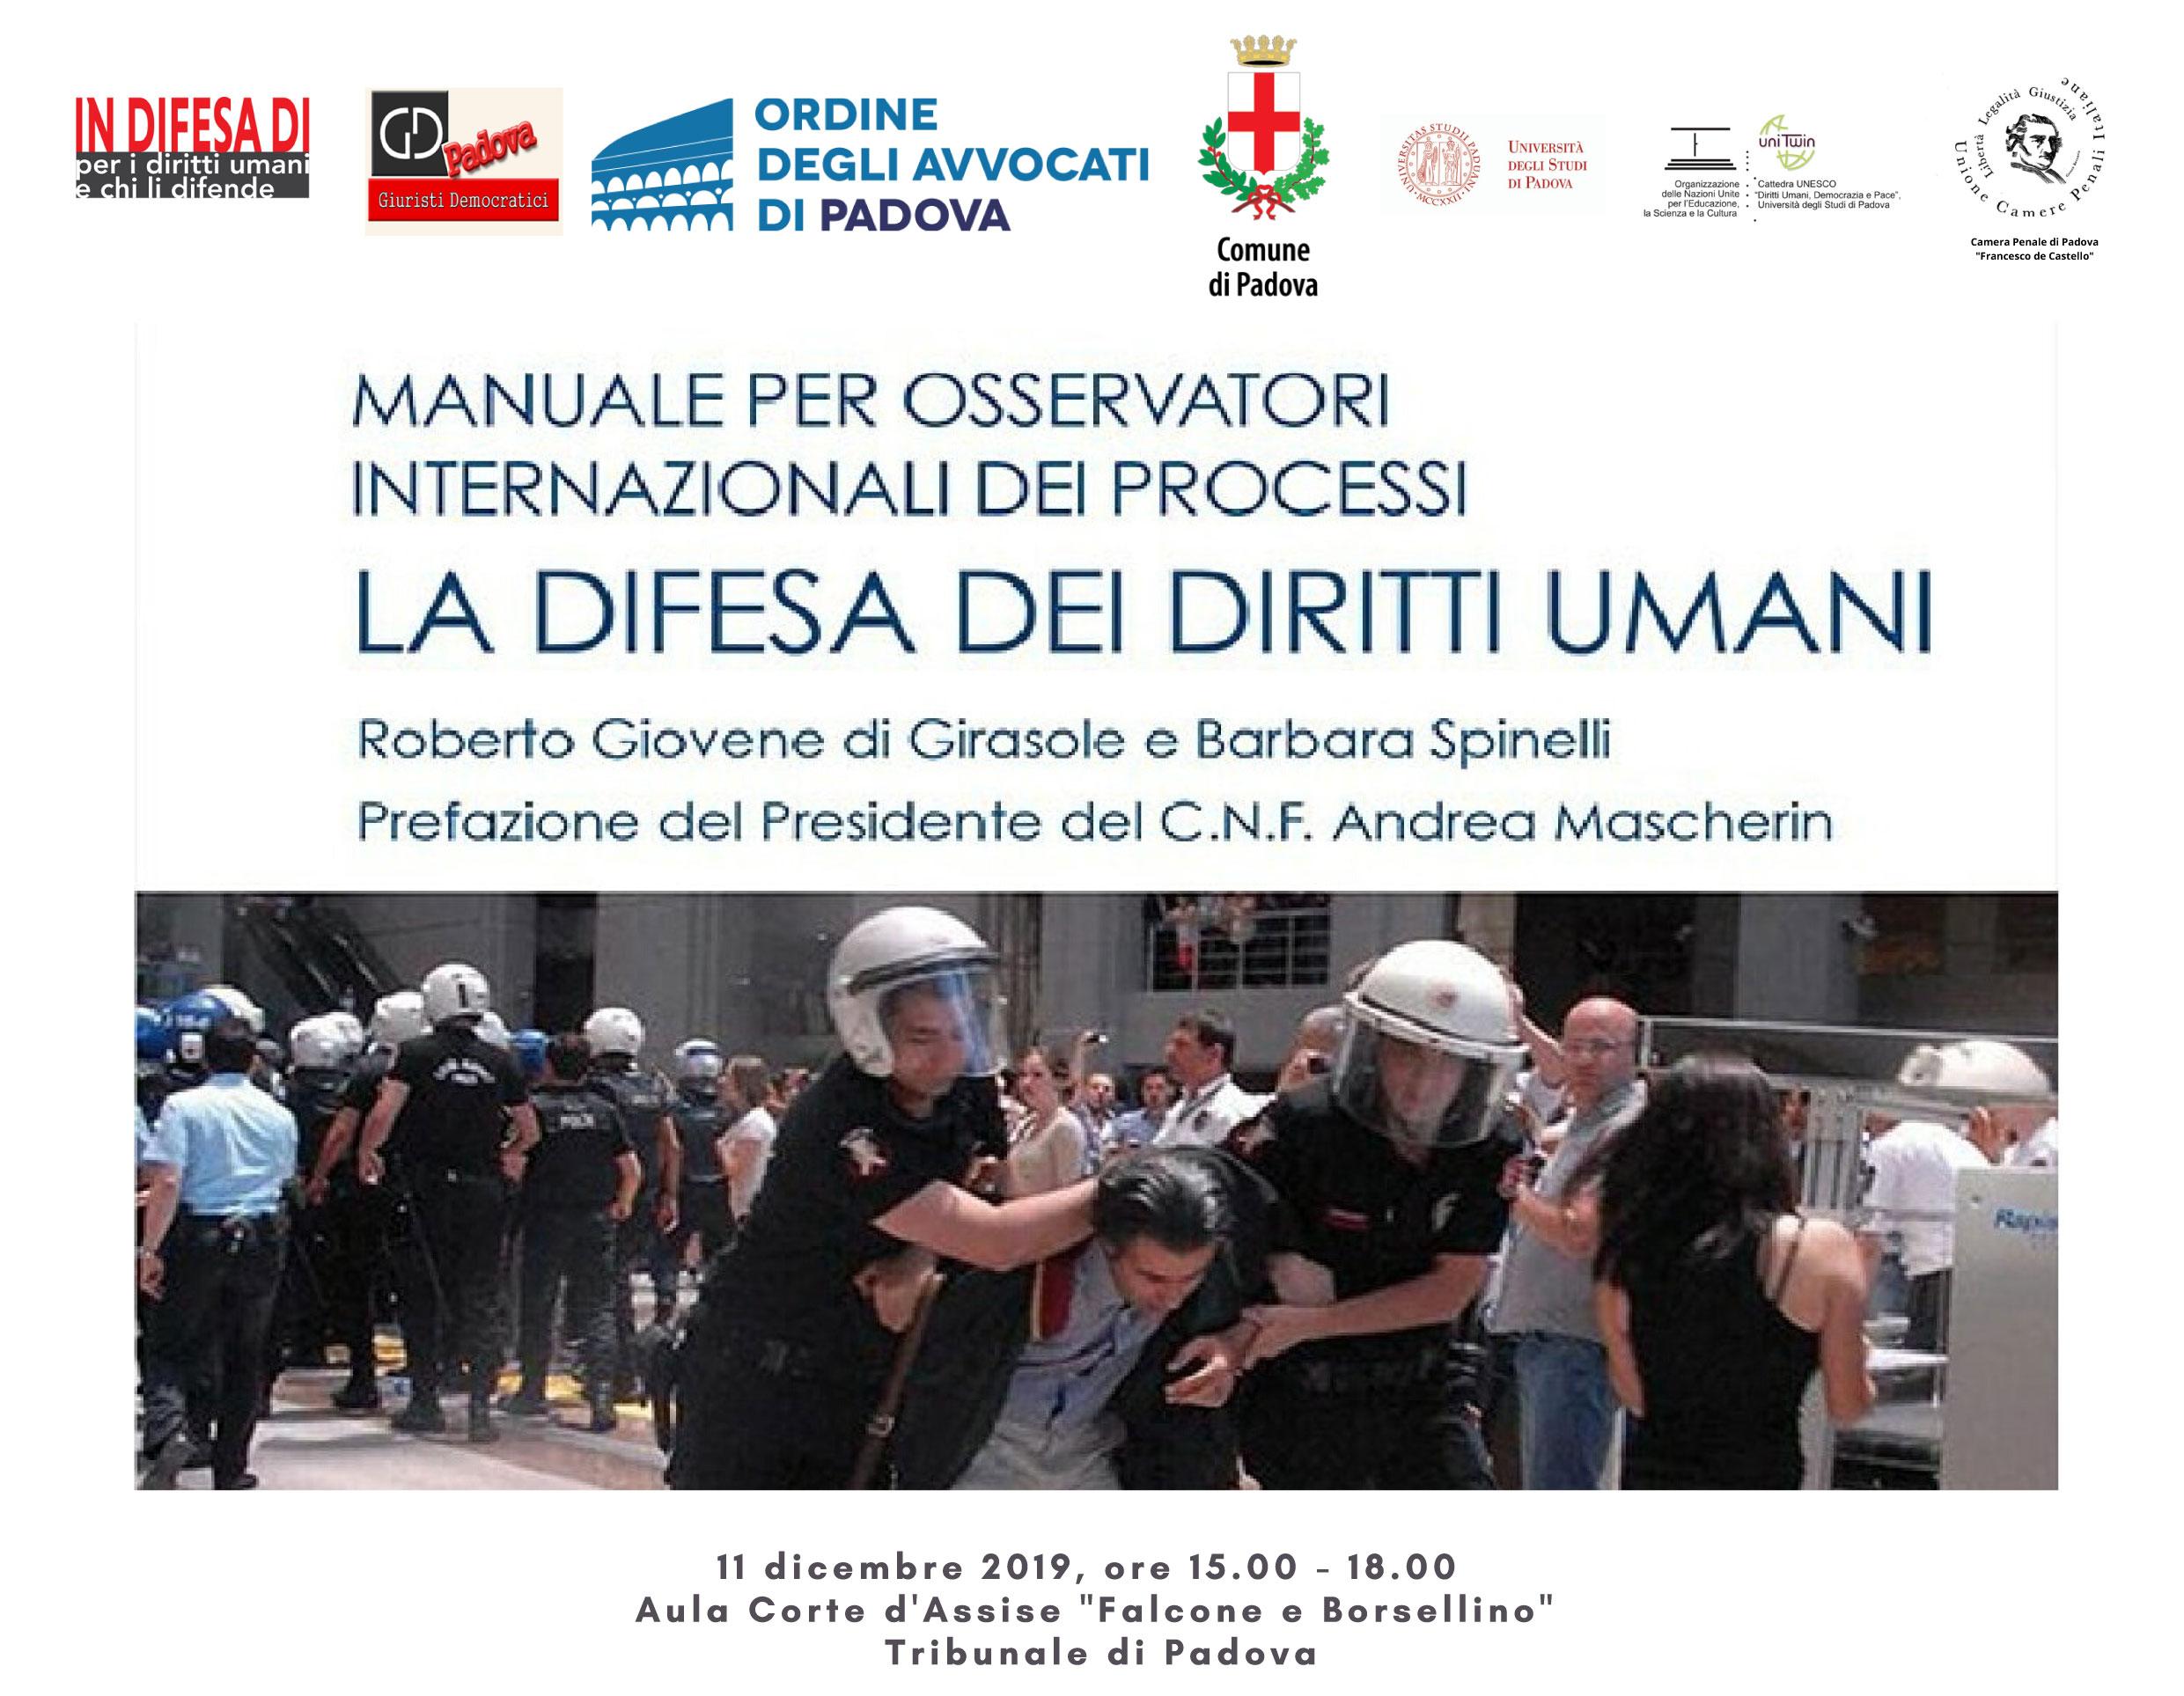 Convegno Manuale per osservatori internazionali dei processi. La difesa dei diritti umani, 11 dicembre 2019, Padova